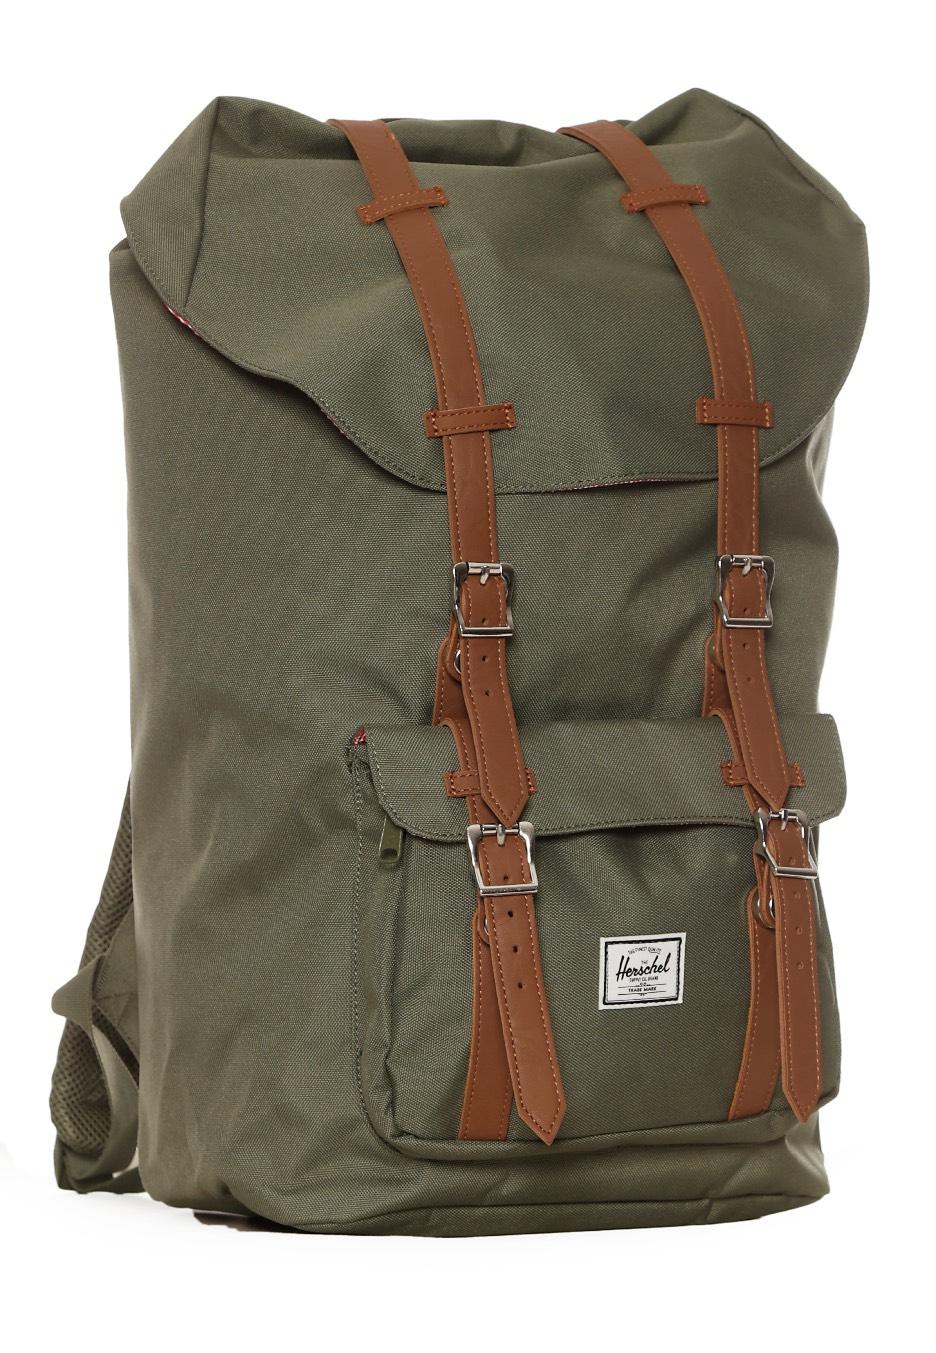 370c0dffde1 Herschel - Little America Deep Lichen Green Tan Synthetic Leather - Backpack  - Streetwear Shop - Impericon.com UK